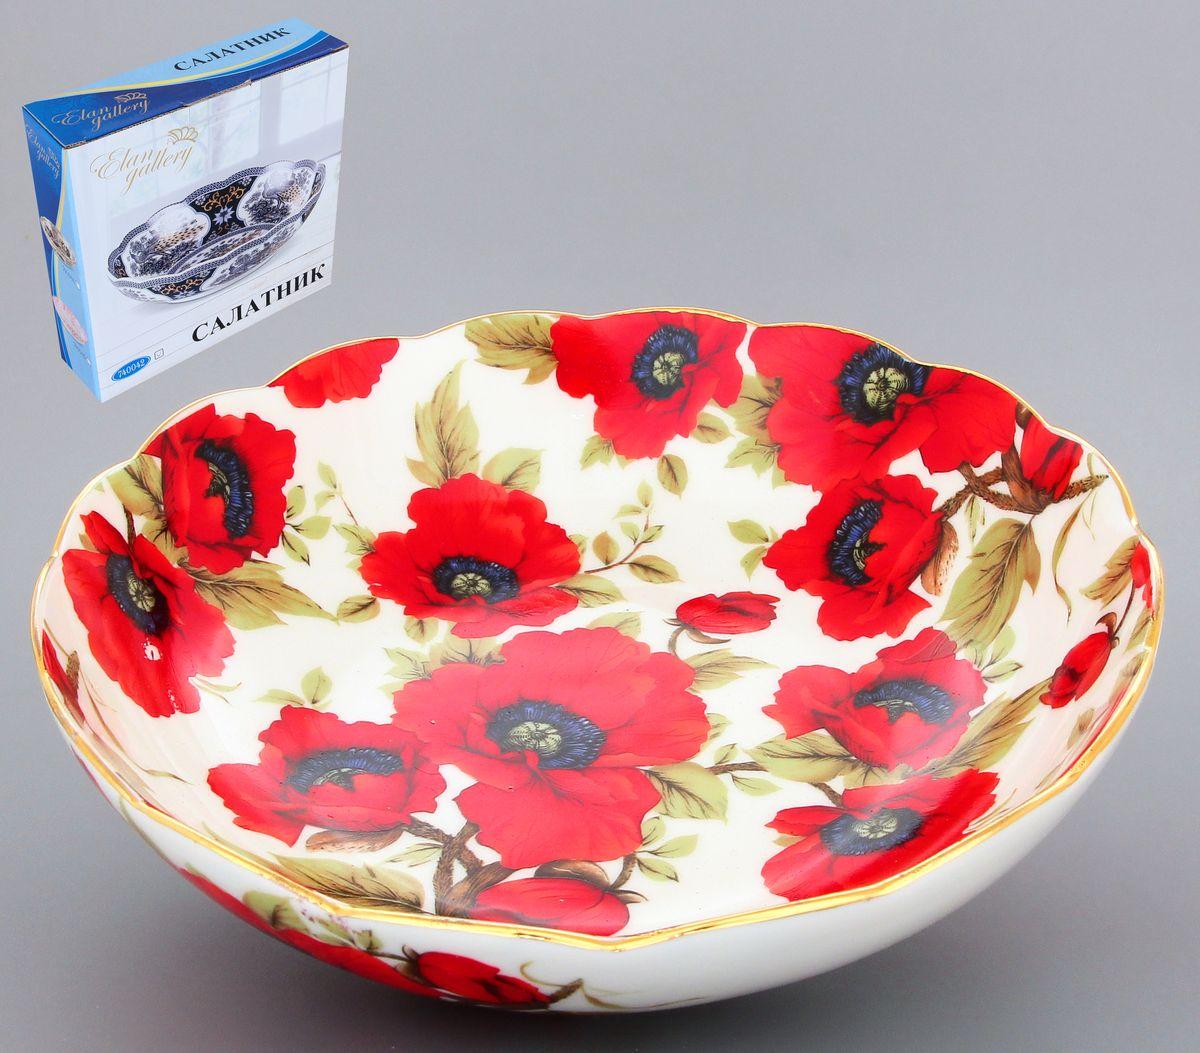 Салатник Elan Gallery Маки, 750 мл54 009312Великолепный салатник с волнистым краем Elan Gallery Маки, изготовленный из высококачественной керамики, прекрасно подойдет для подачи различных блюд: закусок, салатов или фруктов. Такой салатник украсит ваш праздничный или обеденный стол, а оригинальное исполнение понравится любой хозяйке. Диаметр салатника (по верхнему краю): 20 см. Высота салатника: 5,5 см. Объём салатника: 750 мл.